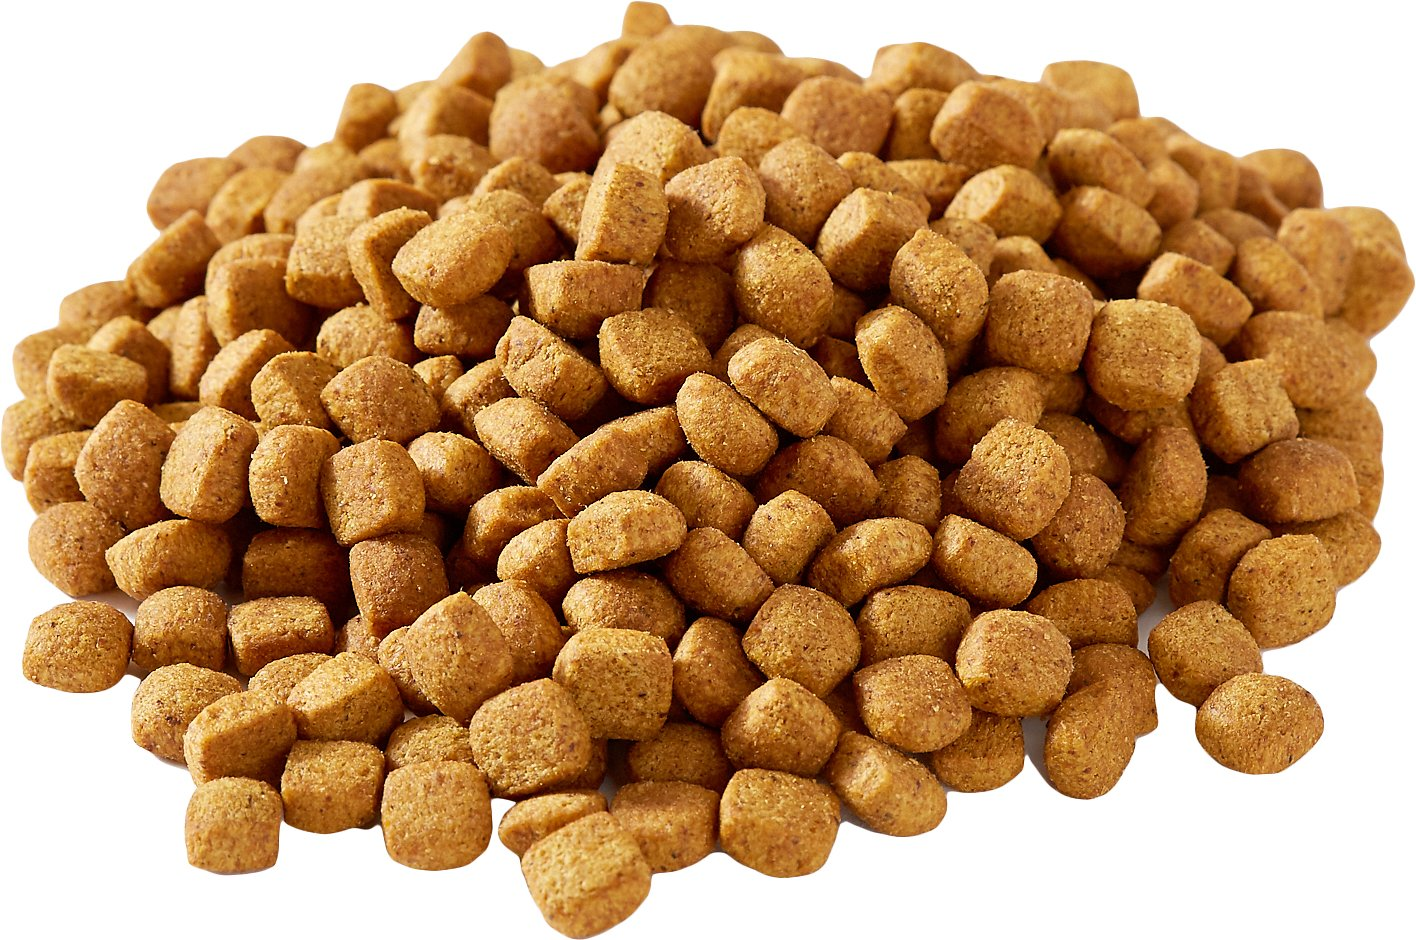 صادرات خوراک گربه خانگی به بازارهای جهانی